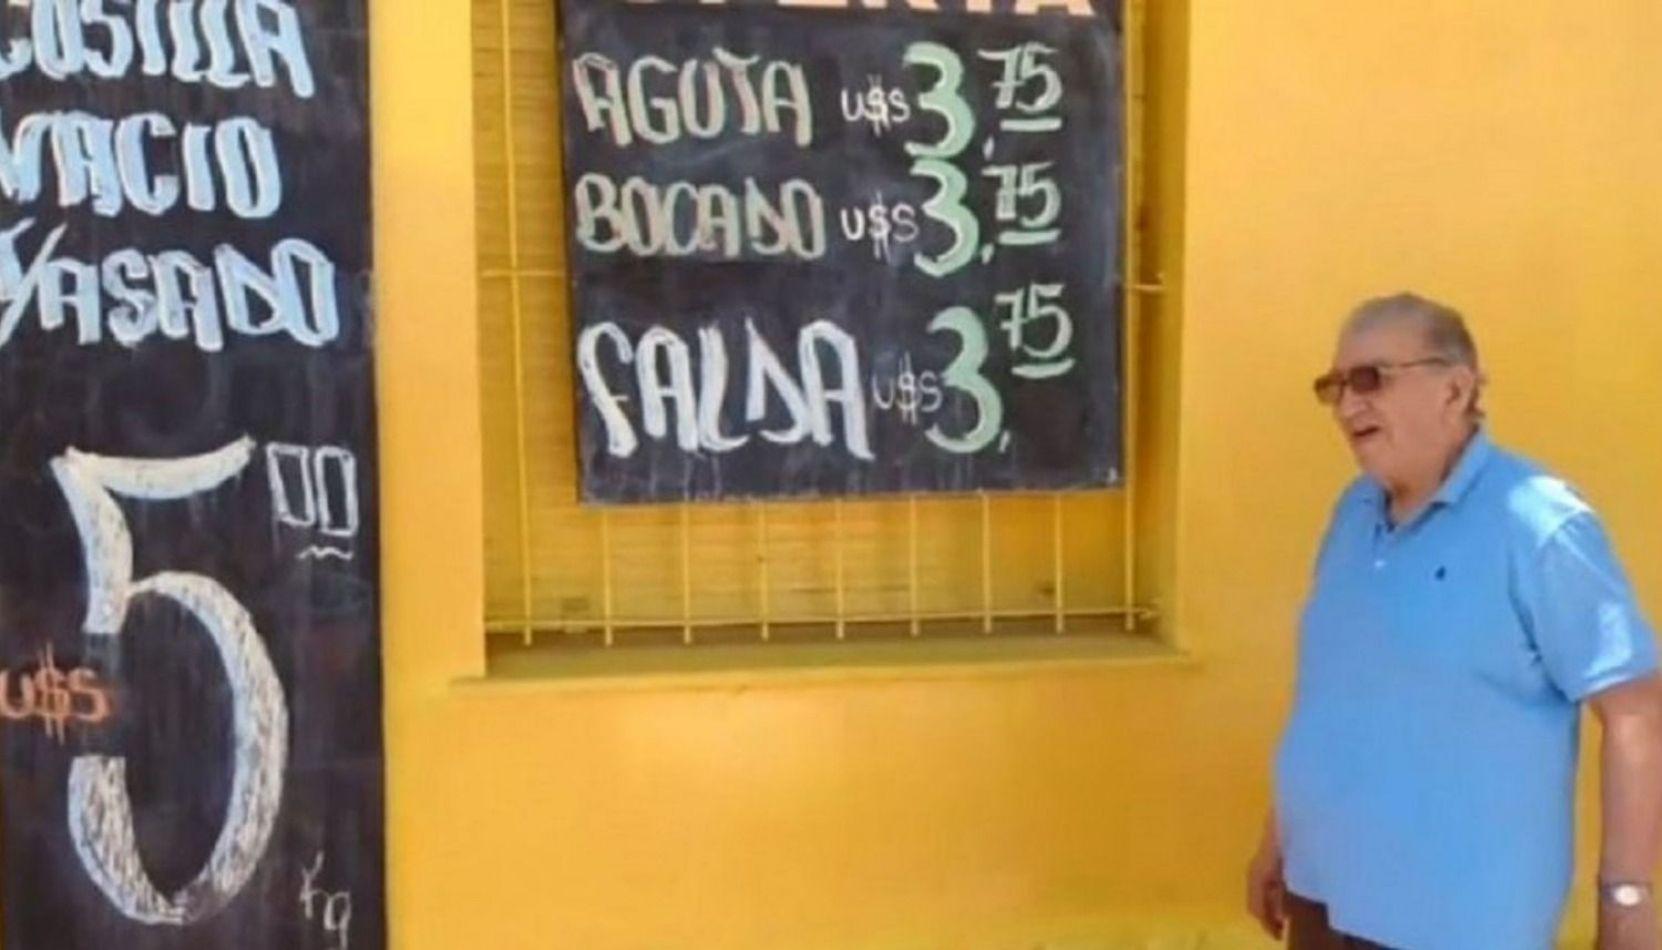 Un carnicero cordobés ofrece la carne a precio dólar en su pizarra